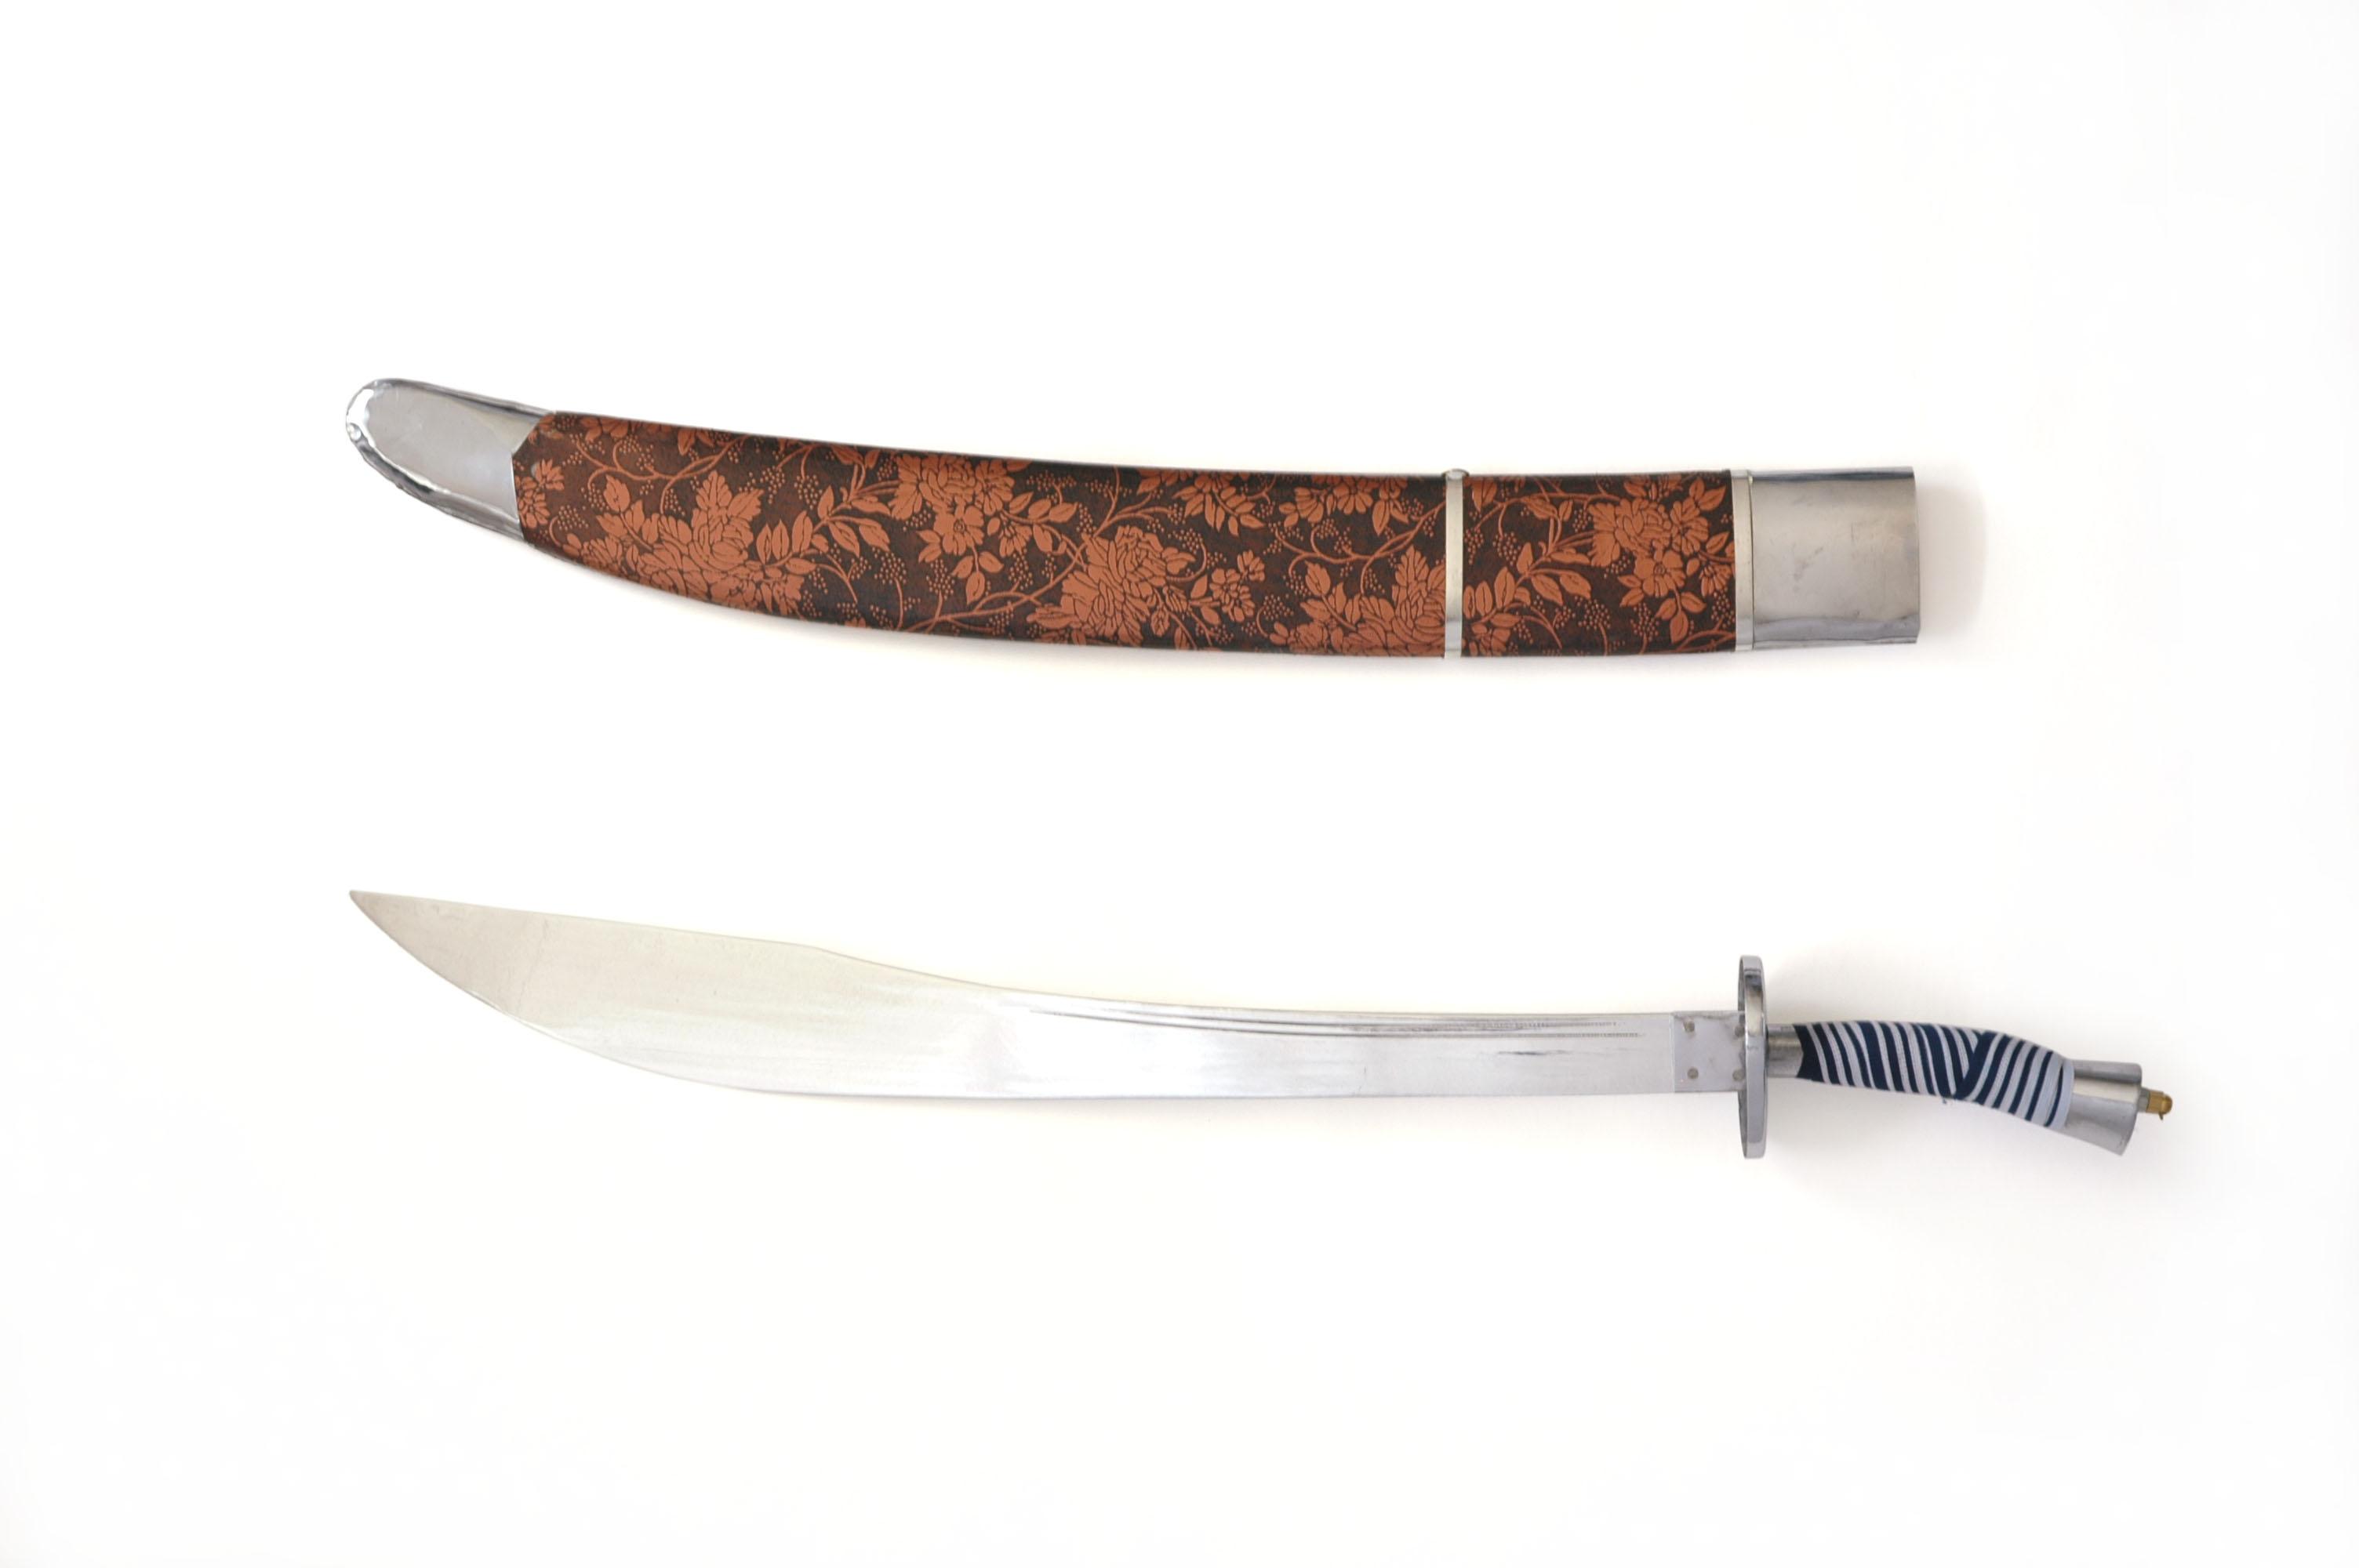 アルミ製刀 (長拳用)